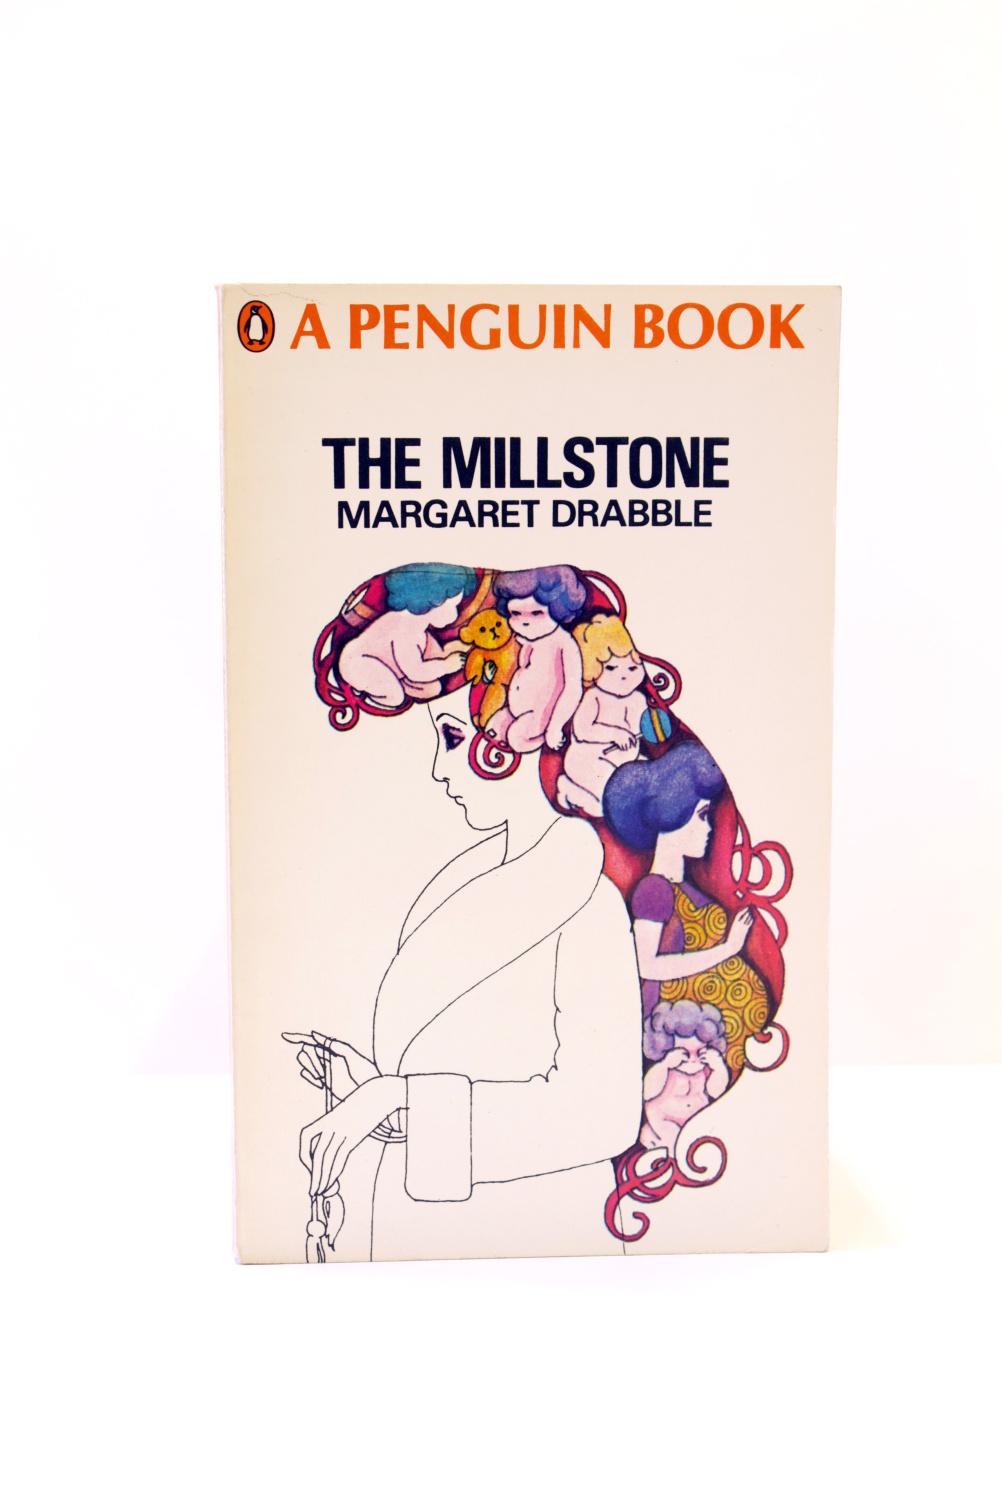 The Millstone, Margaret Drabble